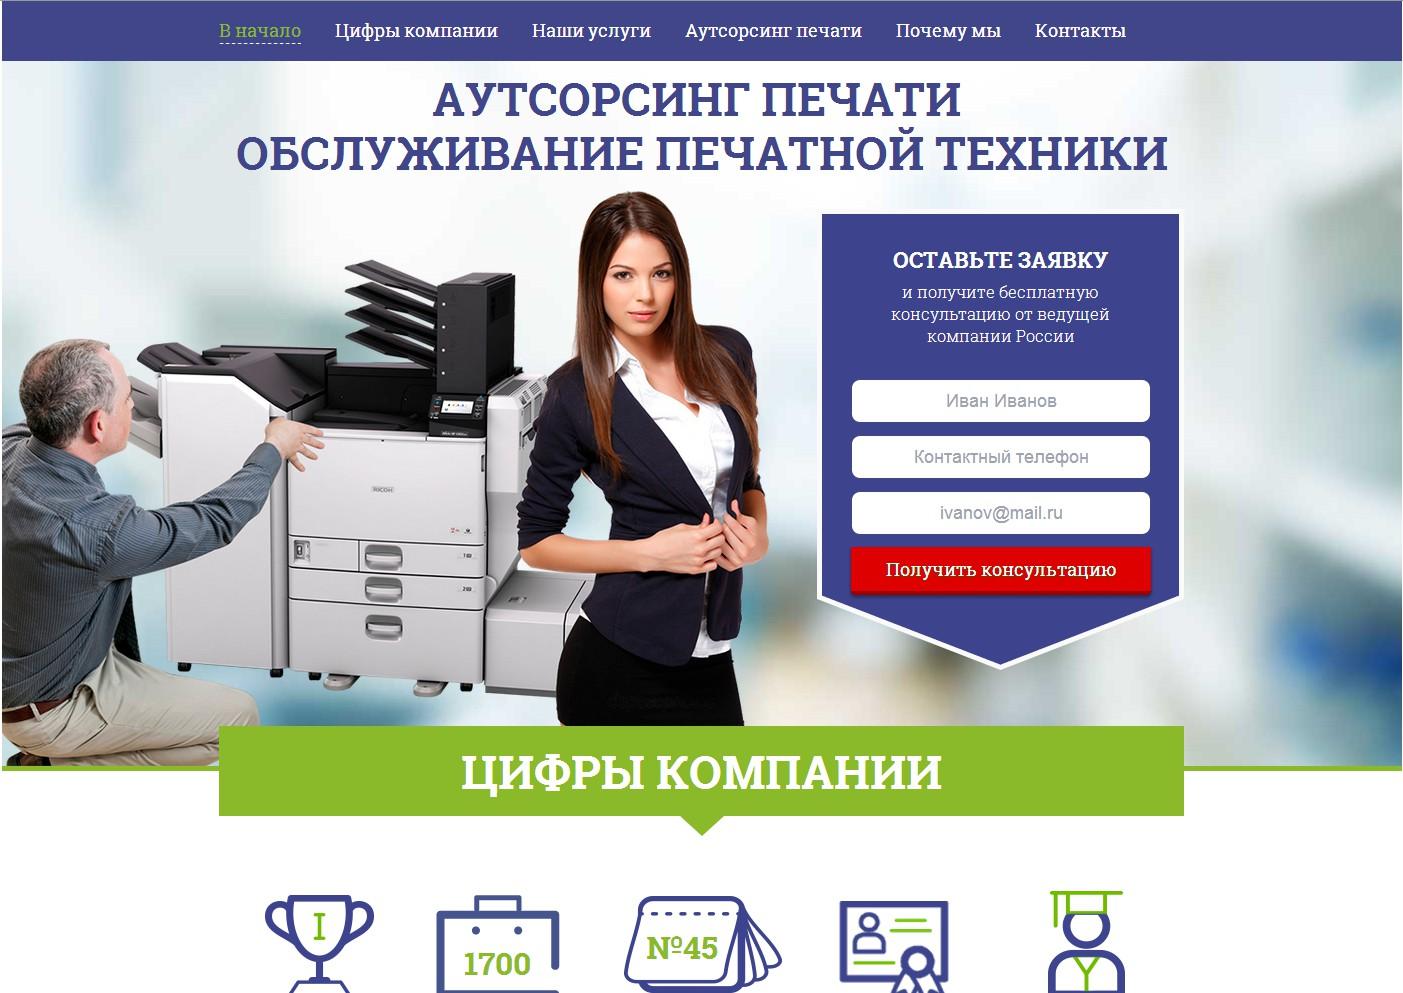 Landing pages по аутсорсингу печати